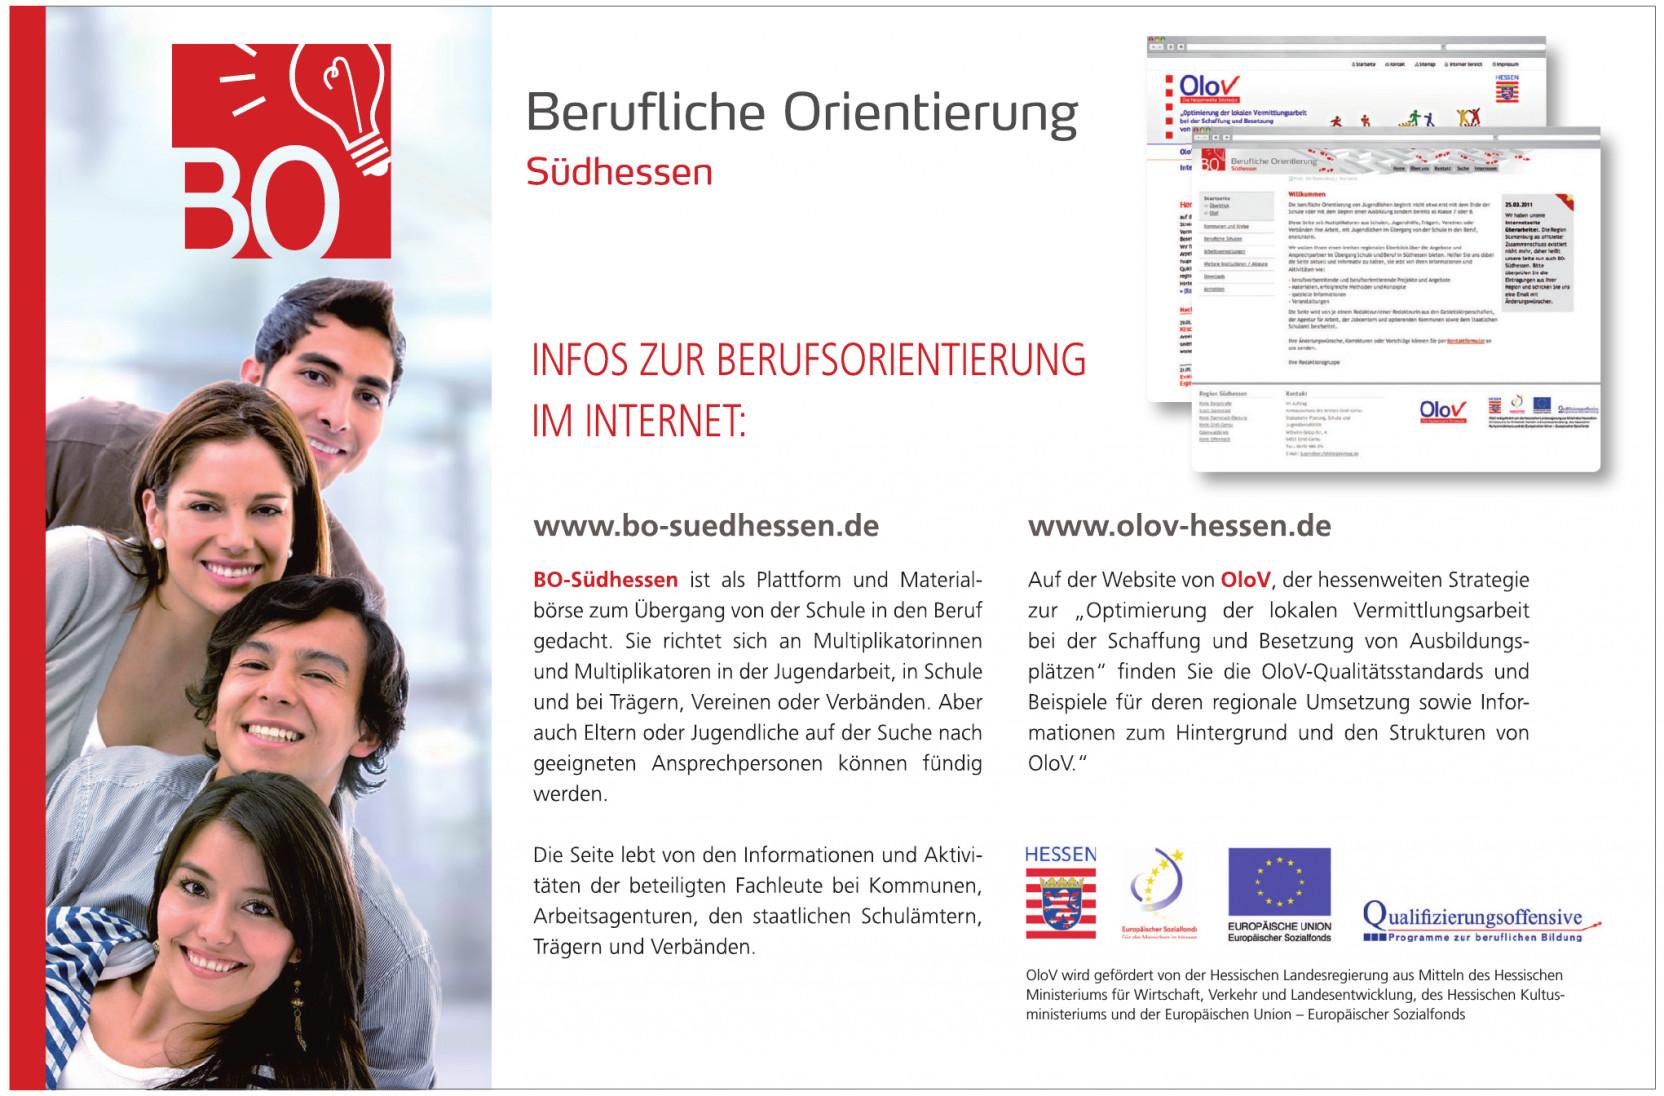 Berufliche Orientierung Südhessen